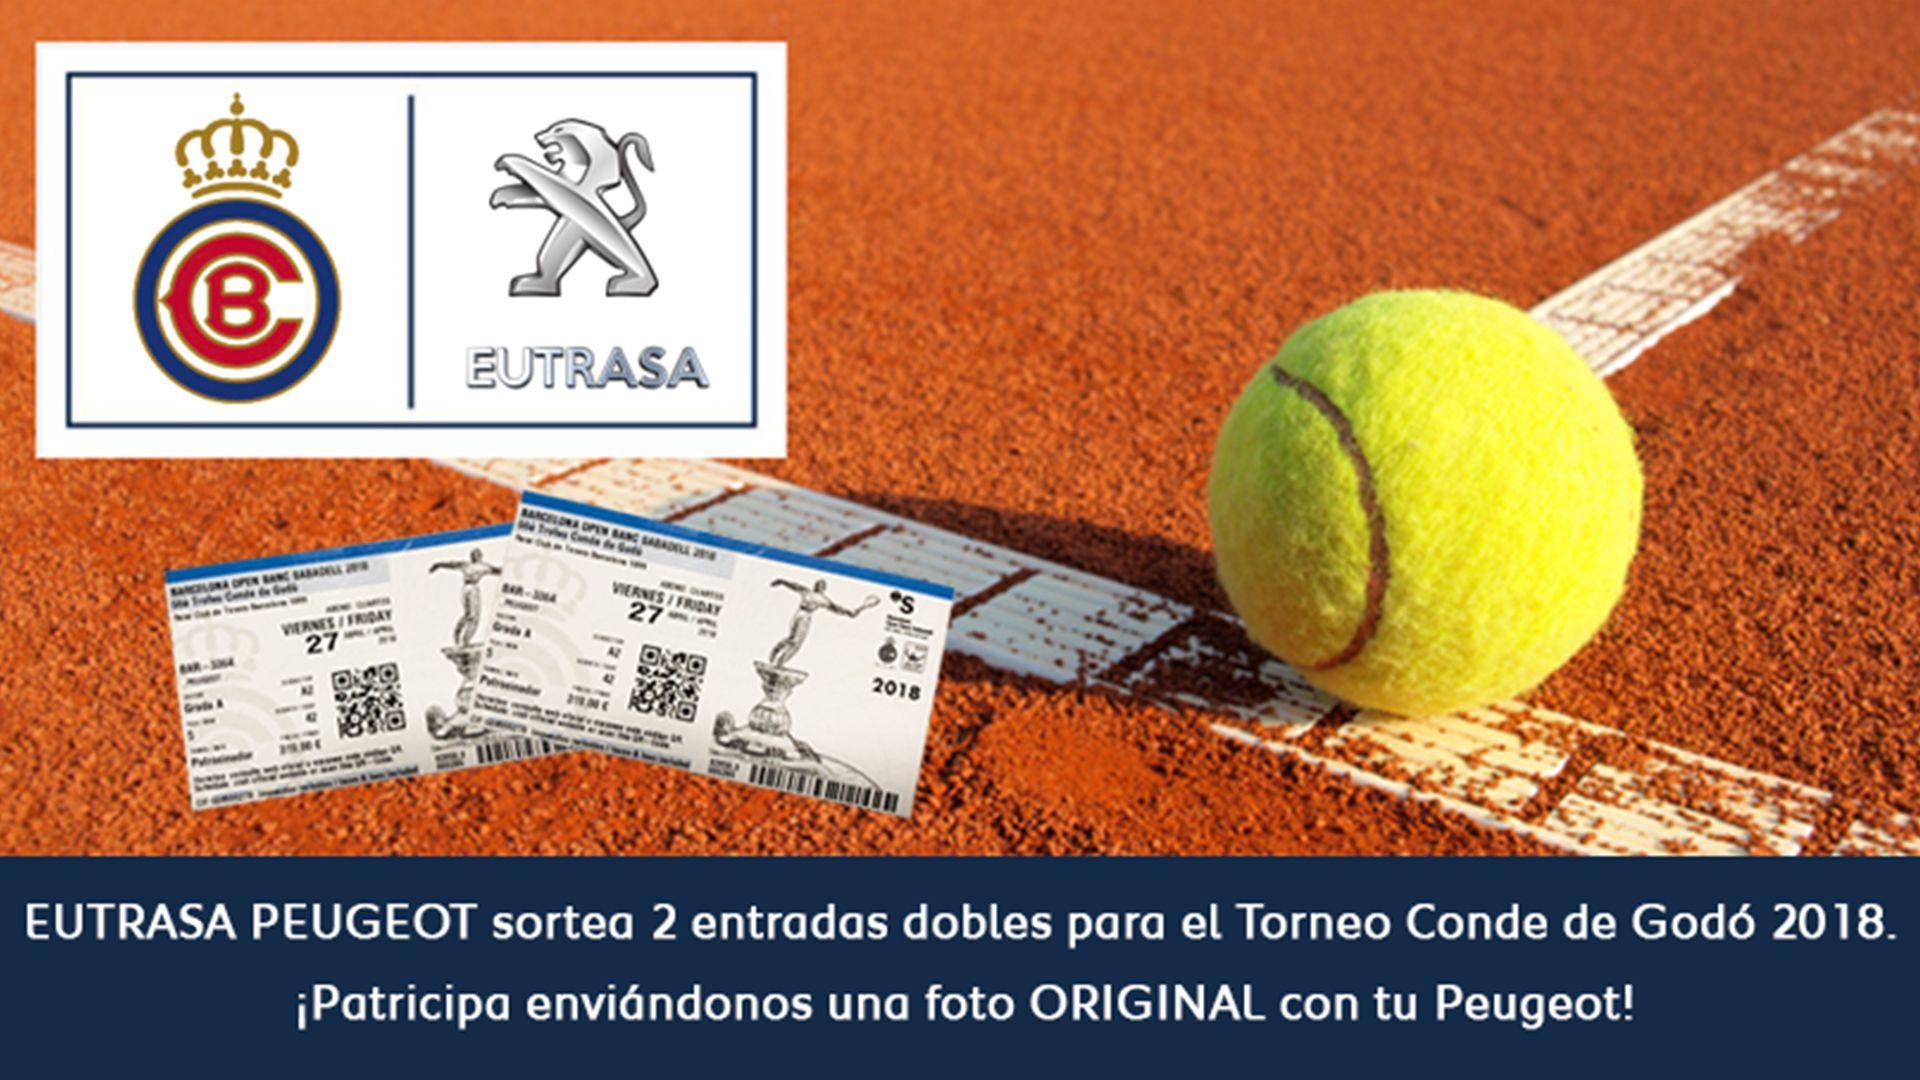 Sorteamos dos entradas dobles para el Torneo Conde Godó 2018